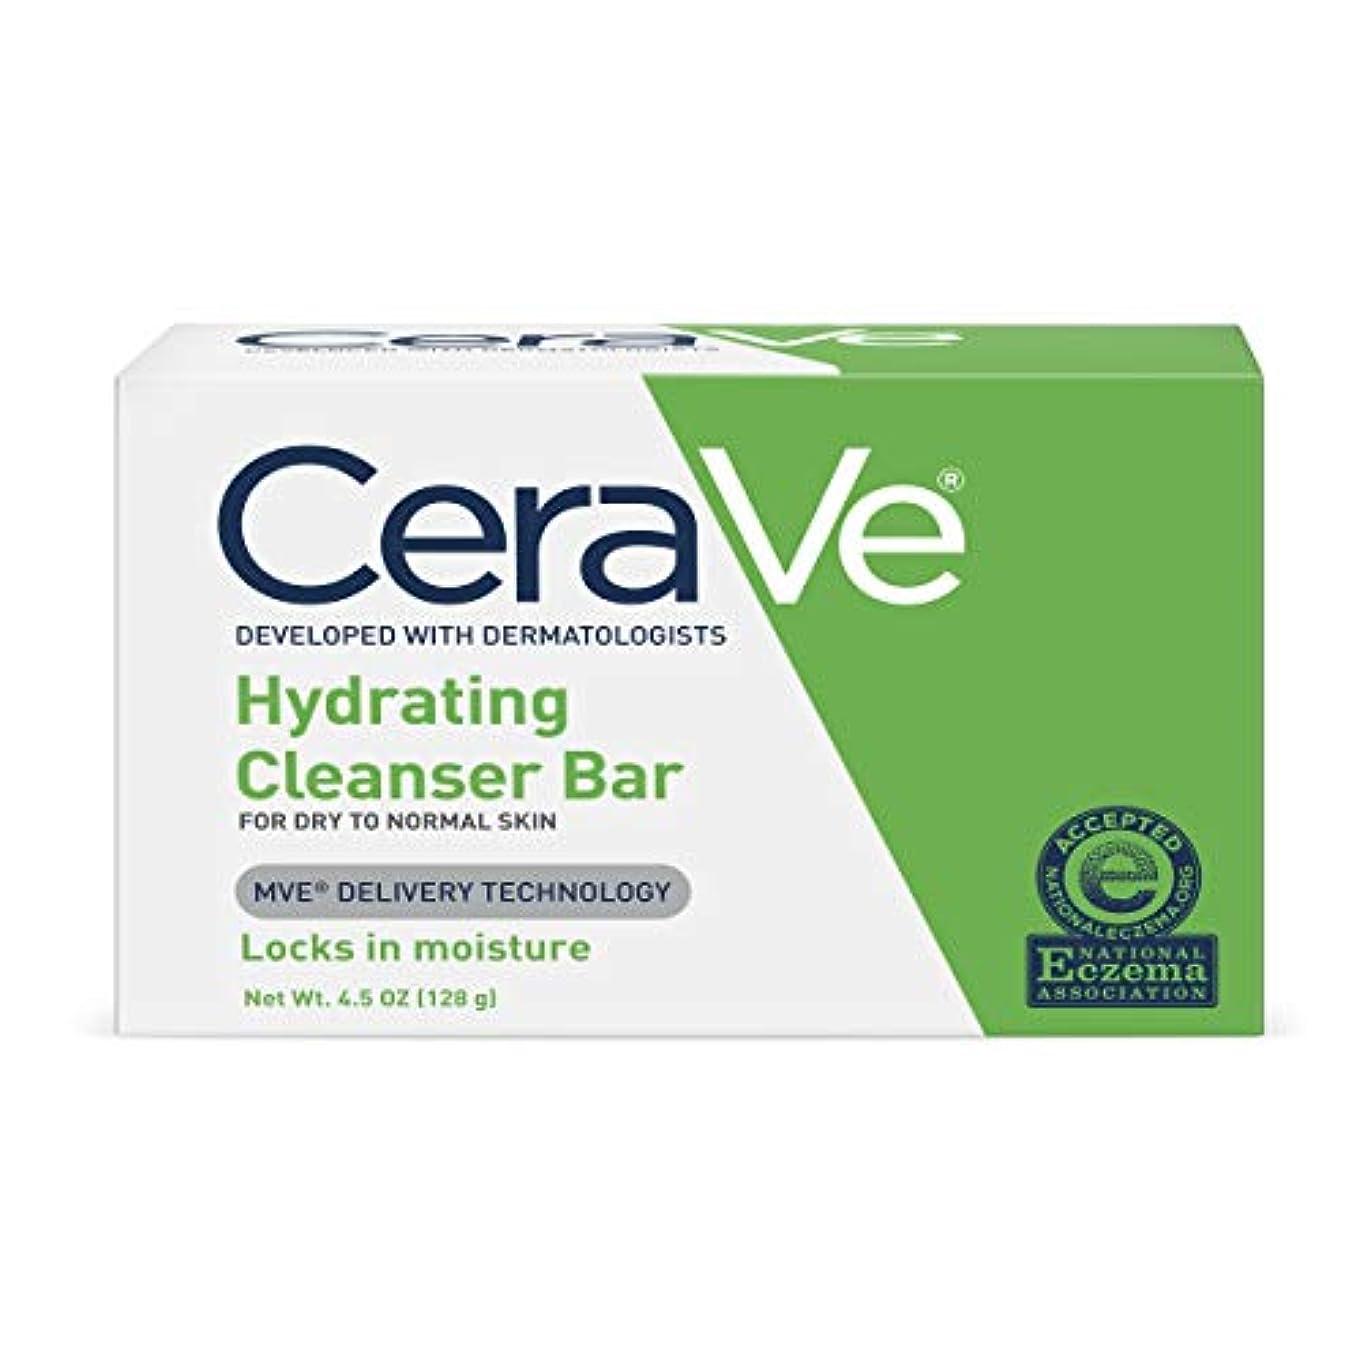 古くなった暗殺言うCeraVe 正常皮膚とハイドレイティングクレンザーバードライ - 4.5オズ、5パック